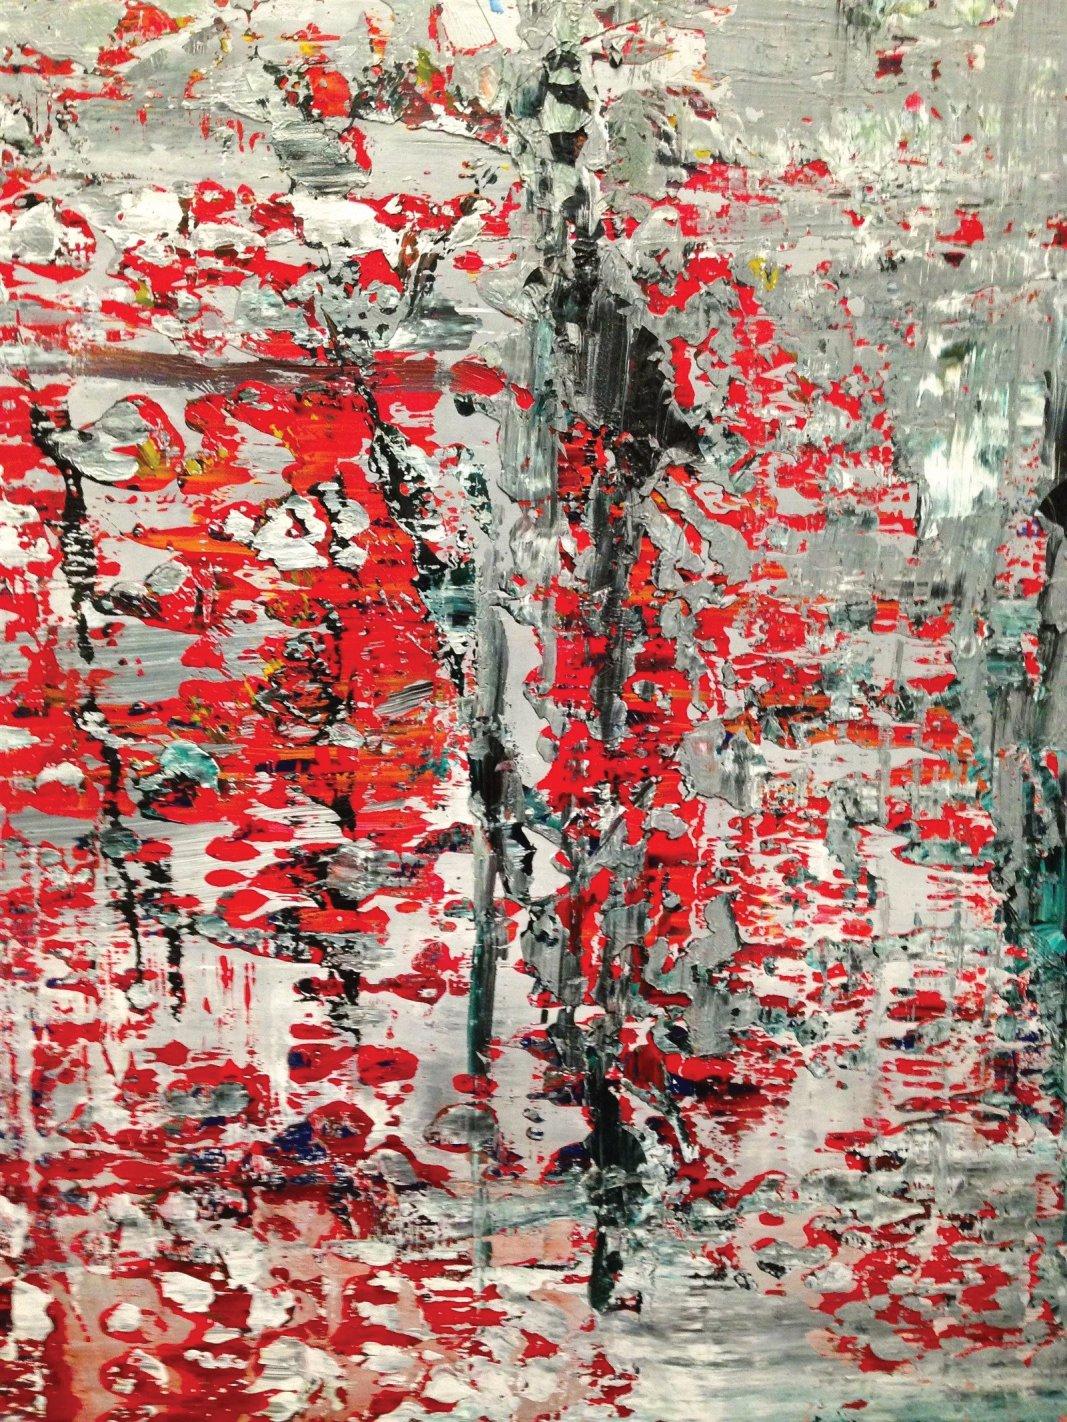 Artist: Gerhard Richter